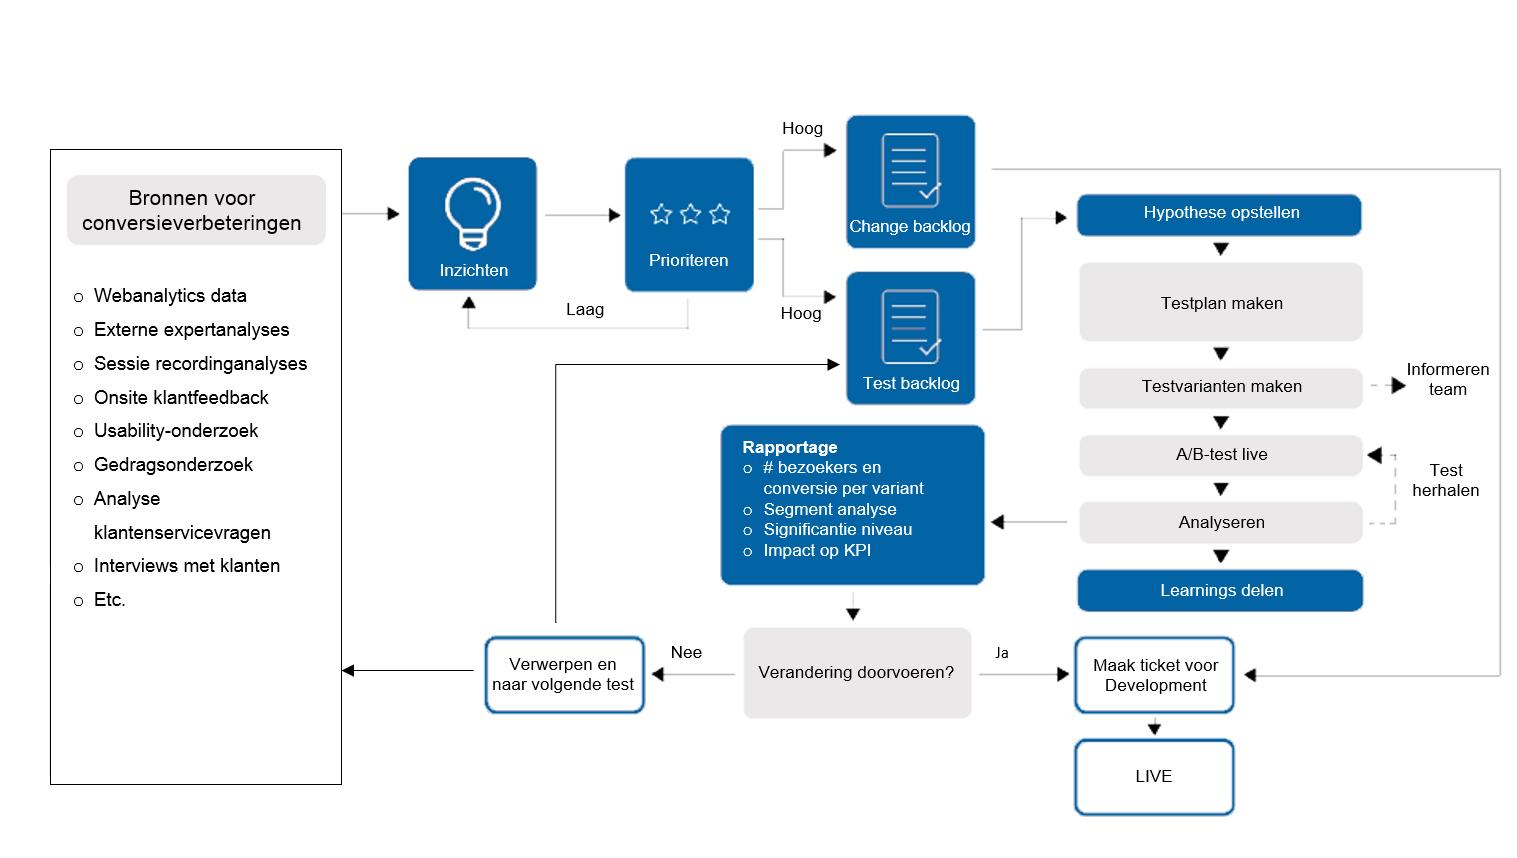 afbeelding 1 conversie-optimalisatieproces.png